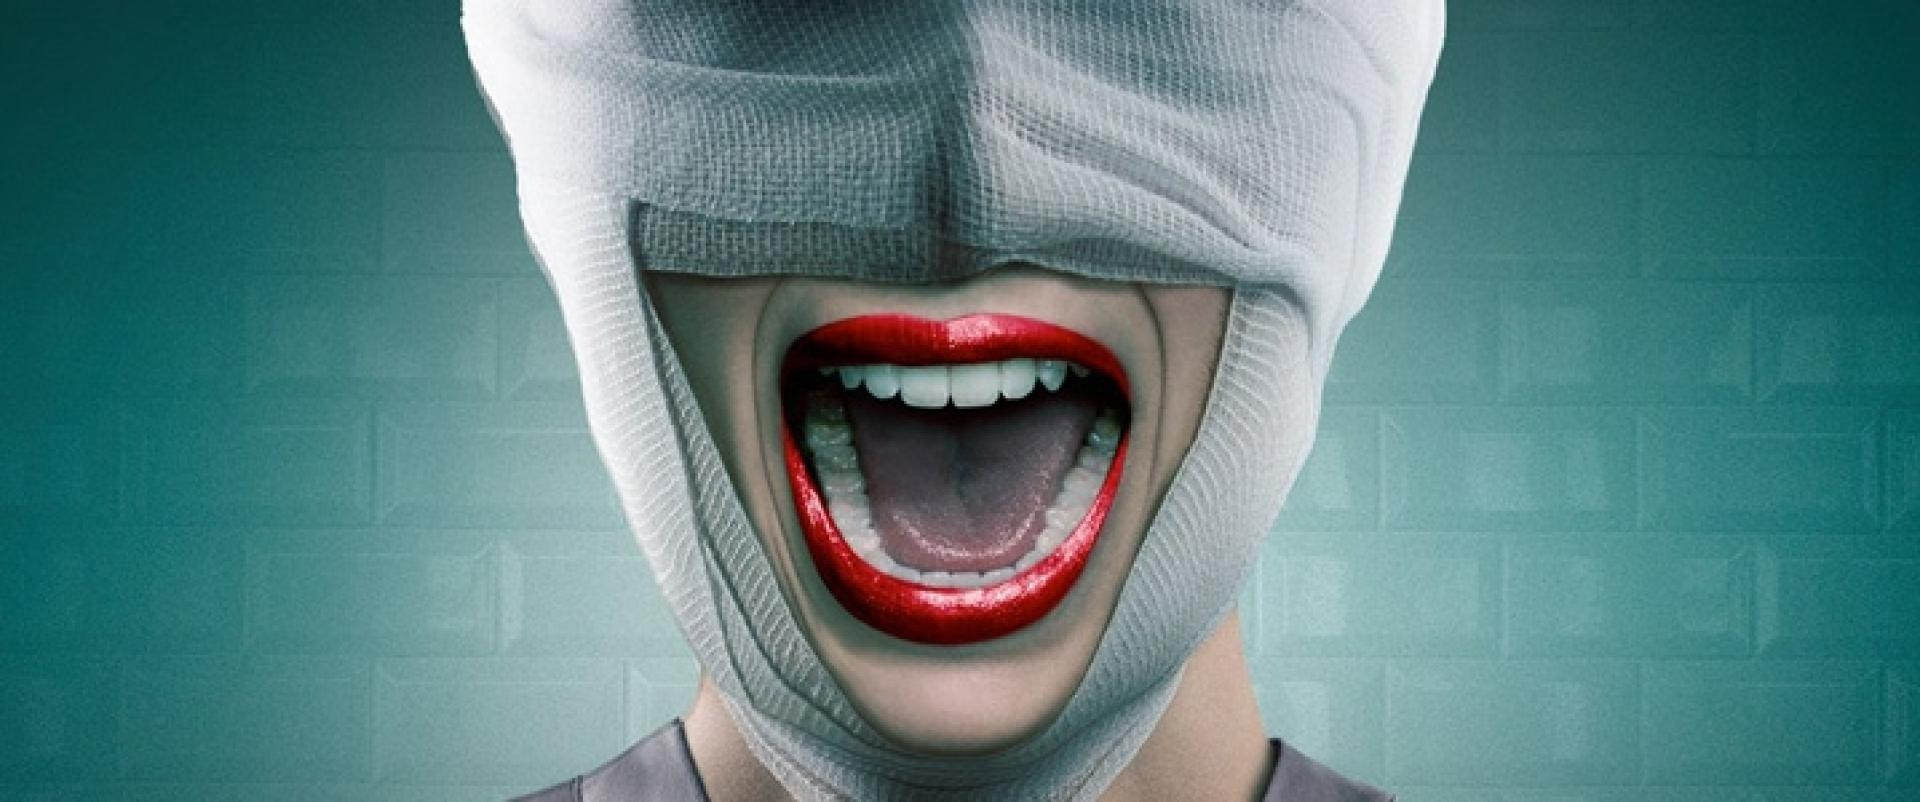 Scream Queens 2x06